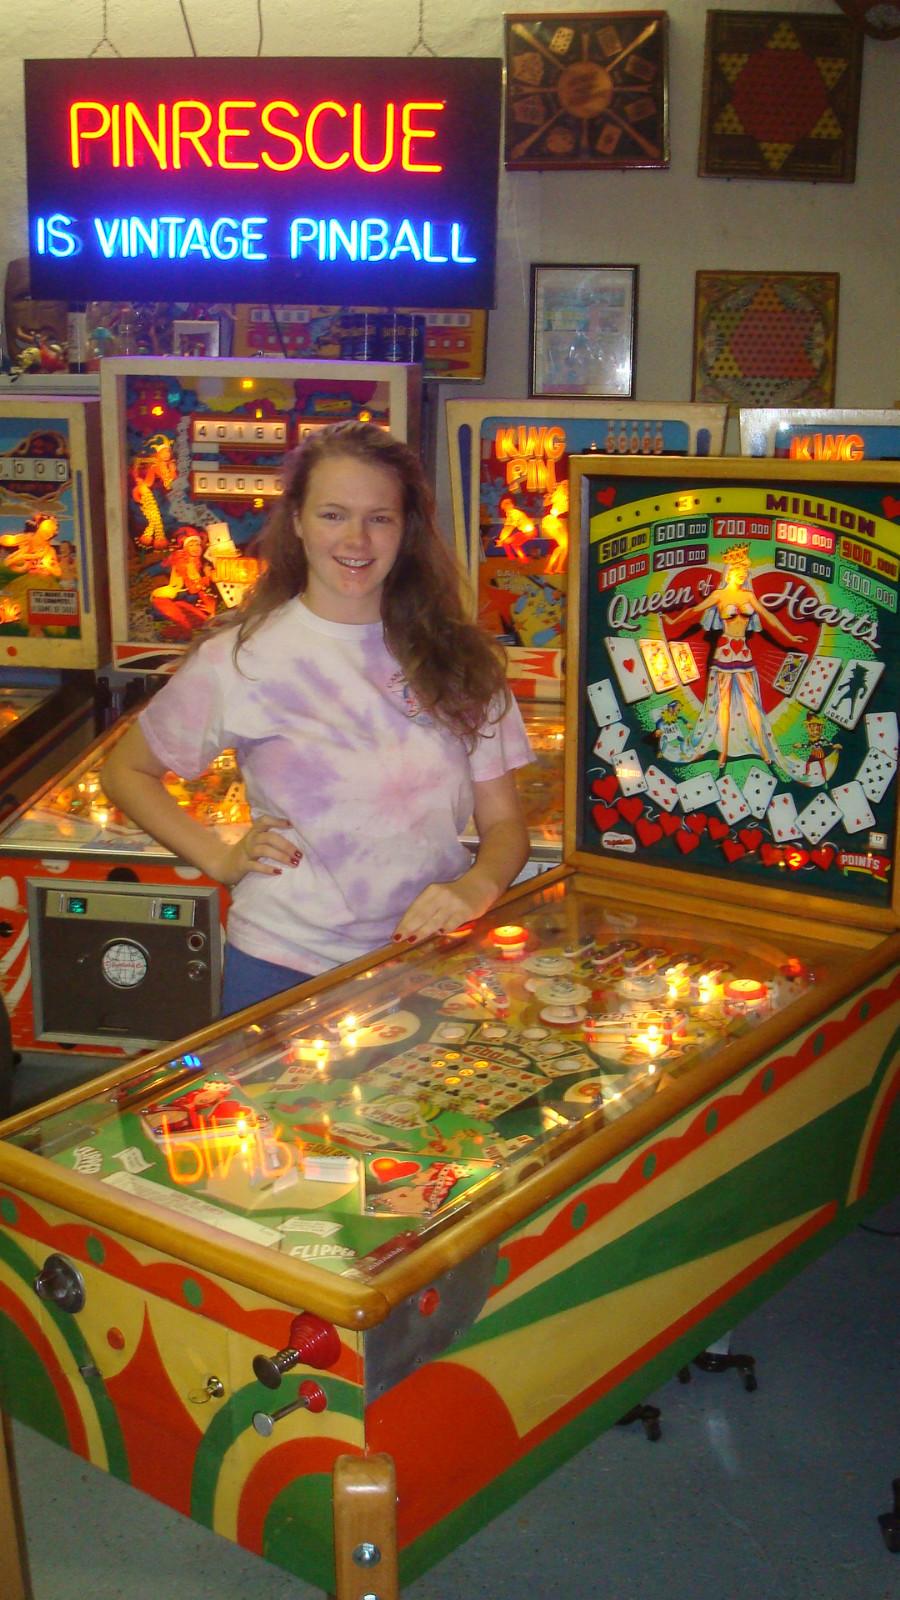 gottlieb pinball machine price guide